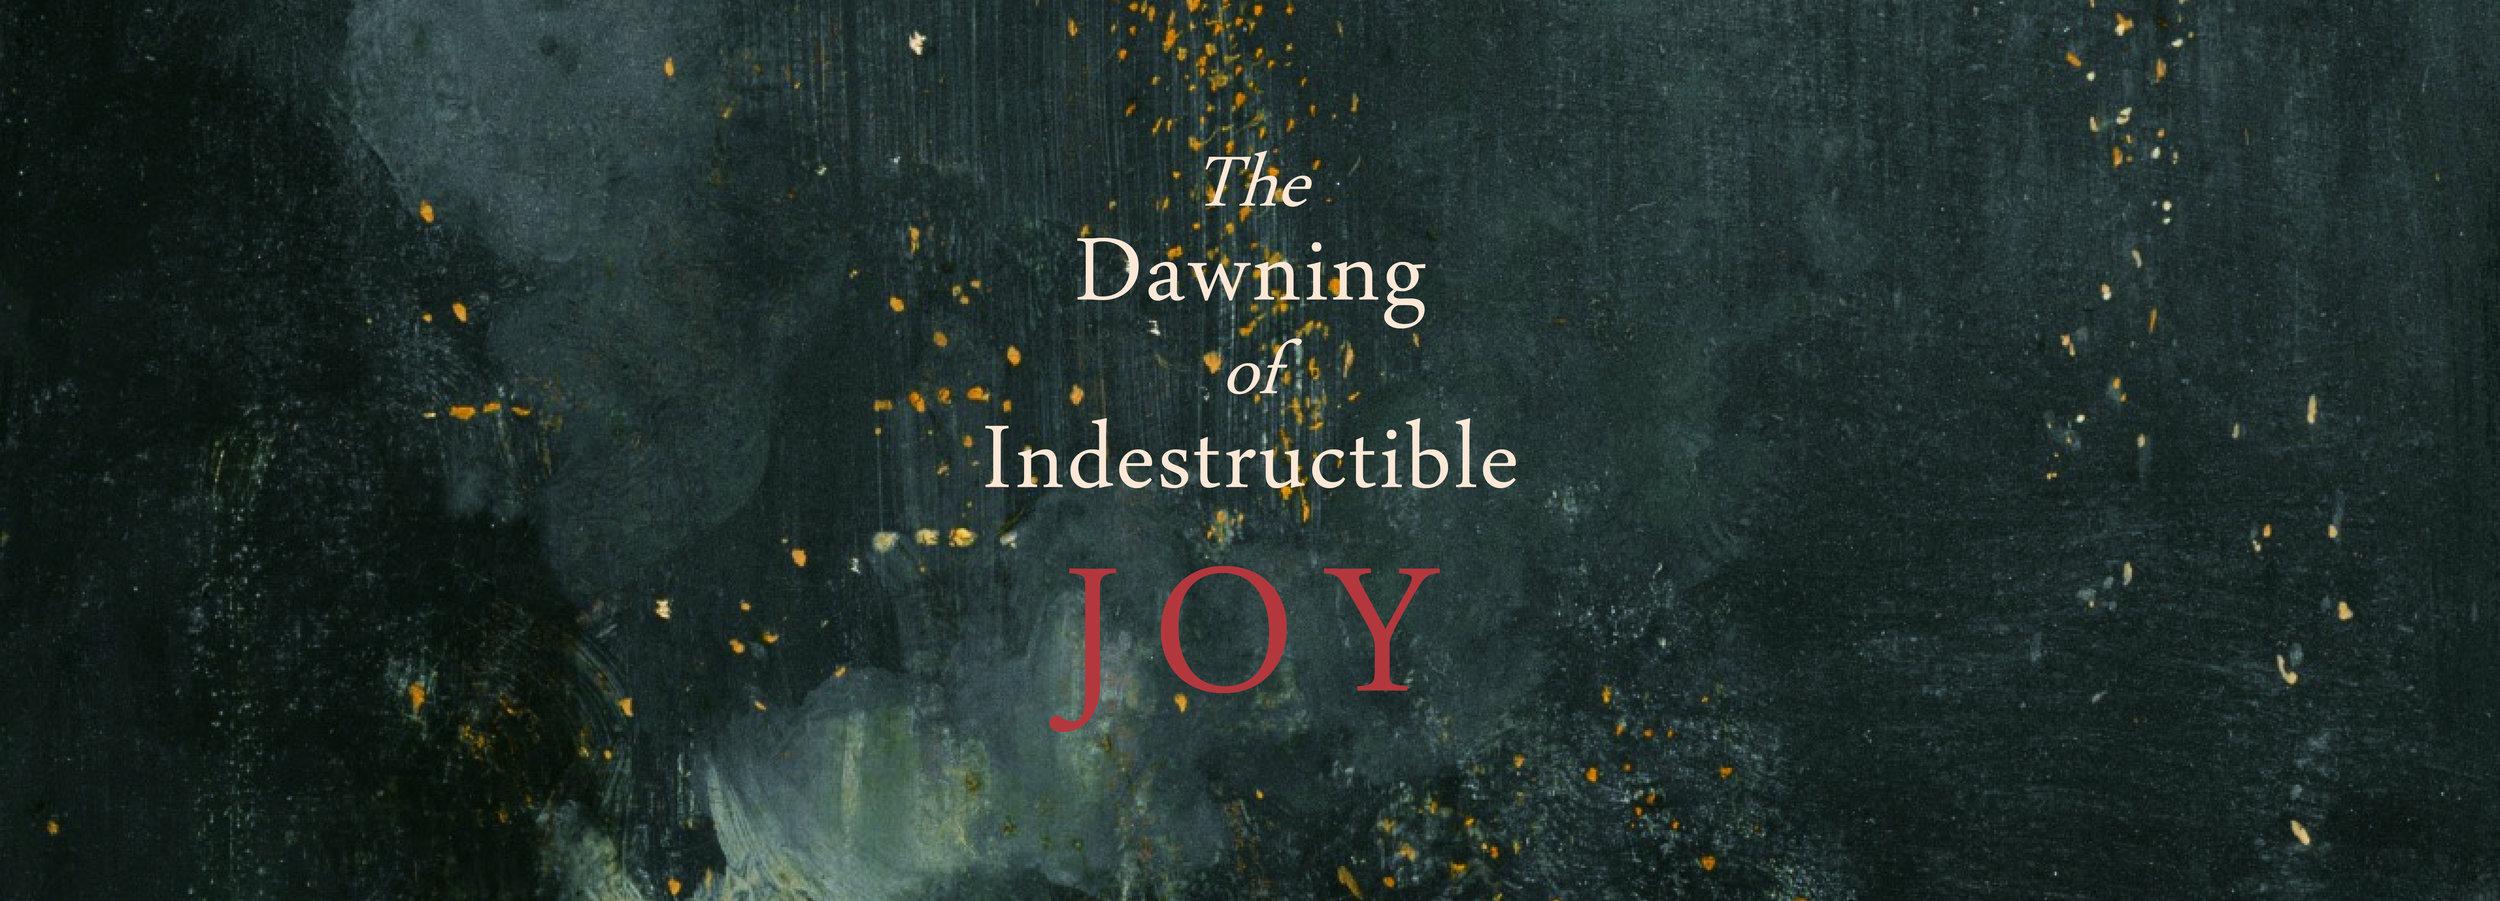 IndestructibleJoy_Banner.jpg